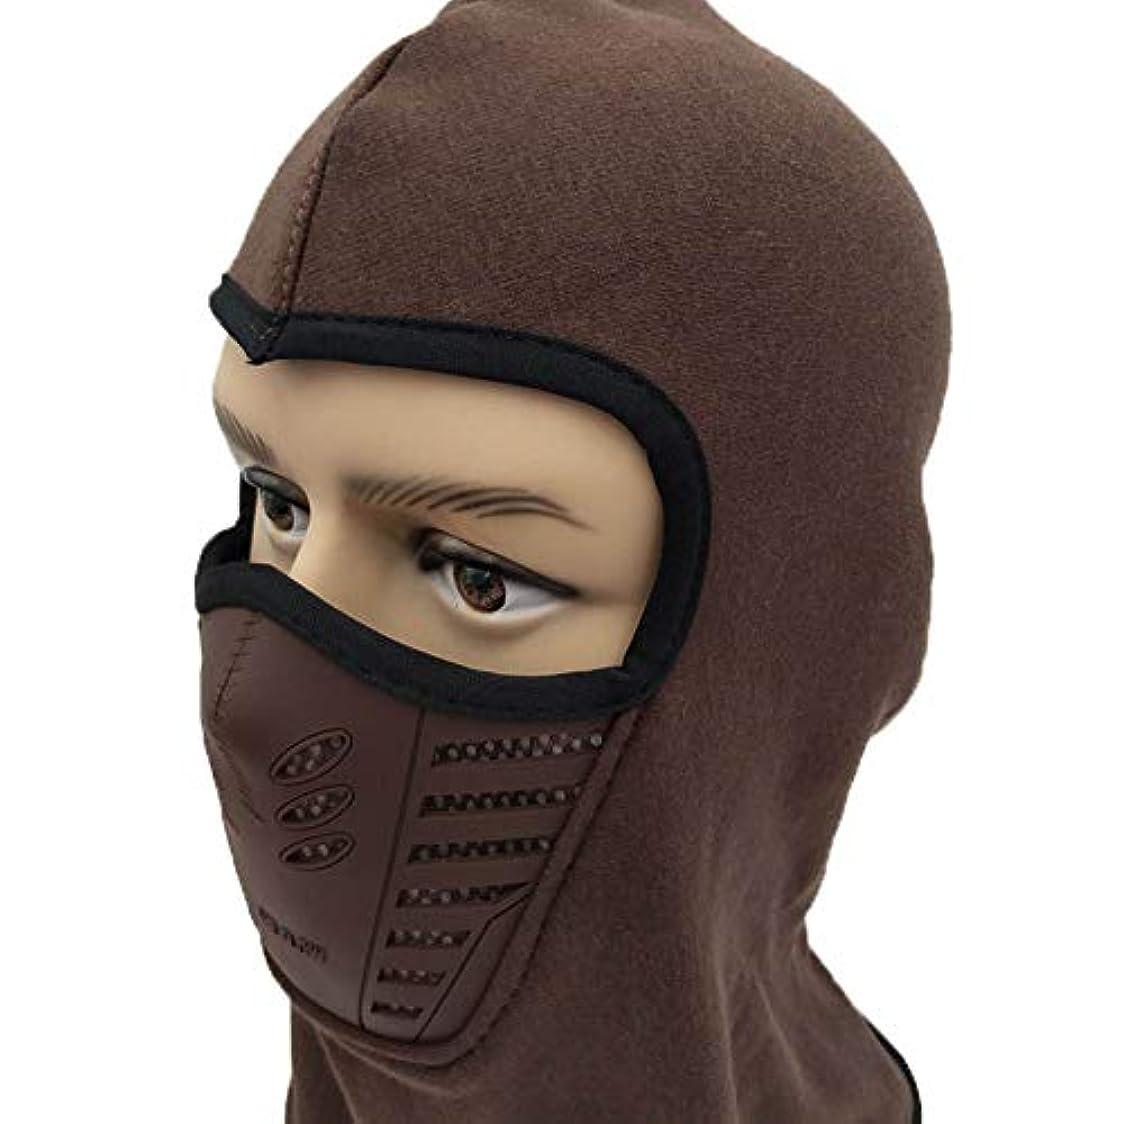 オプショナル滑りやすい代替Profeel ウィンターフリースネックウォーマー、フェイスマスクカバー、厚手ロングネックガーターチューブ、ビーニーネックウォーマーフード、ウィンターアウトドアスポーツマスク防風フード帽子